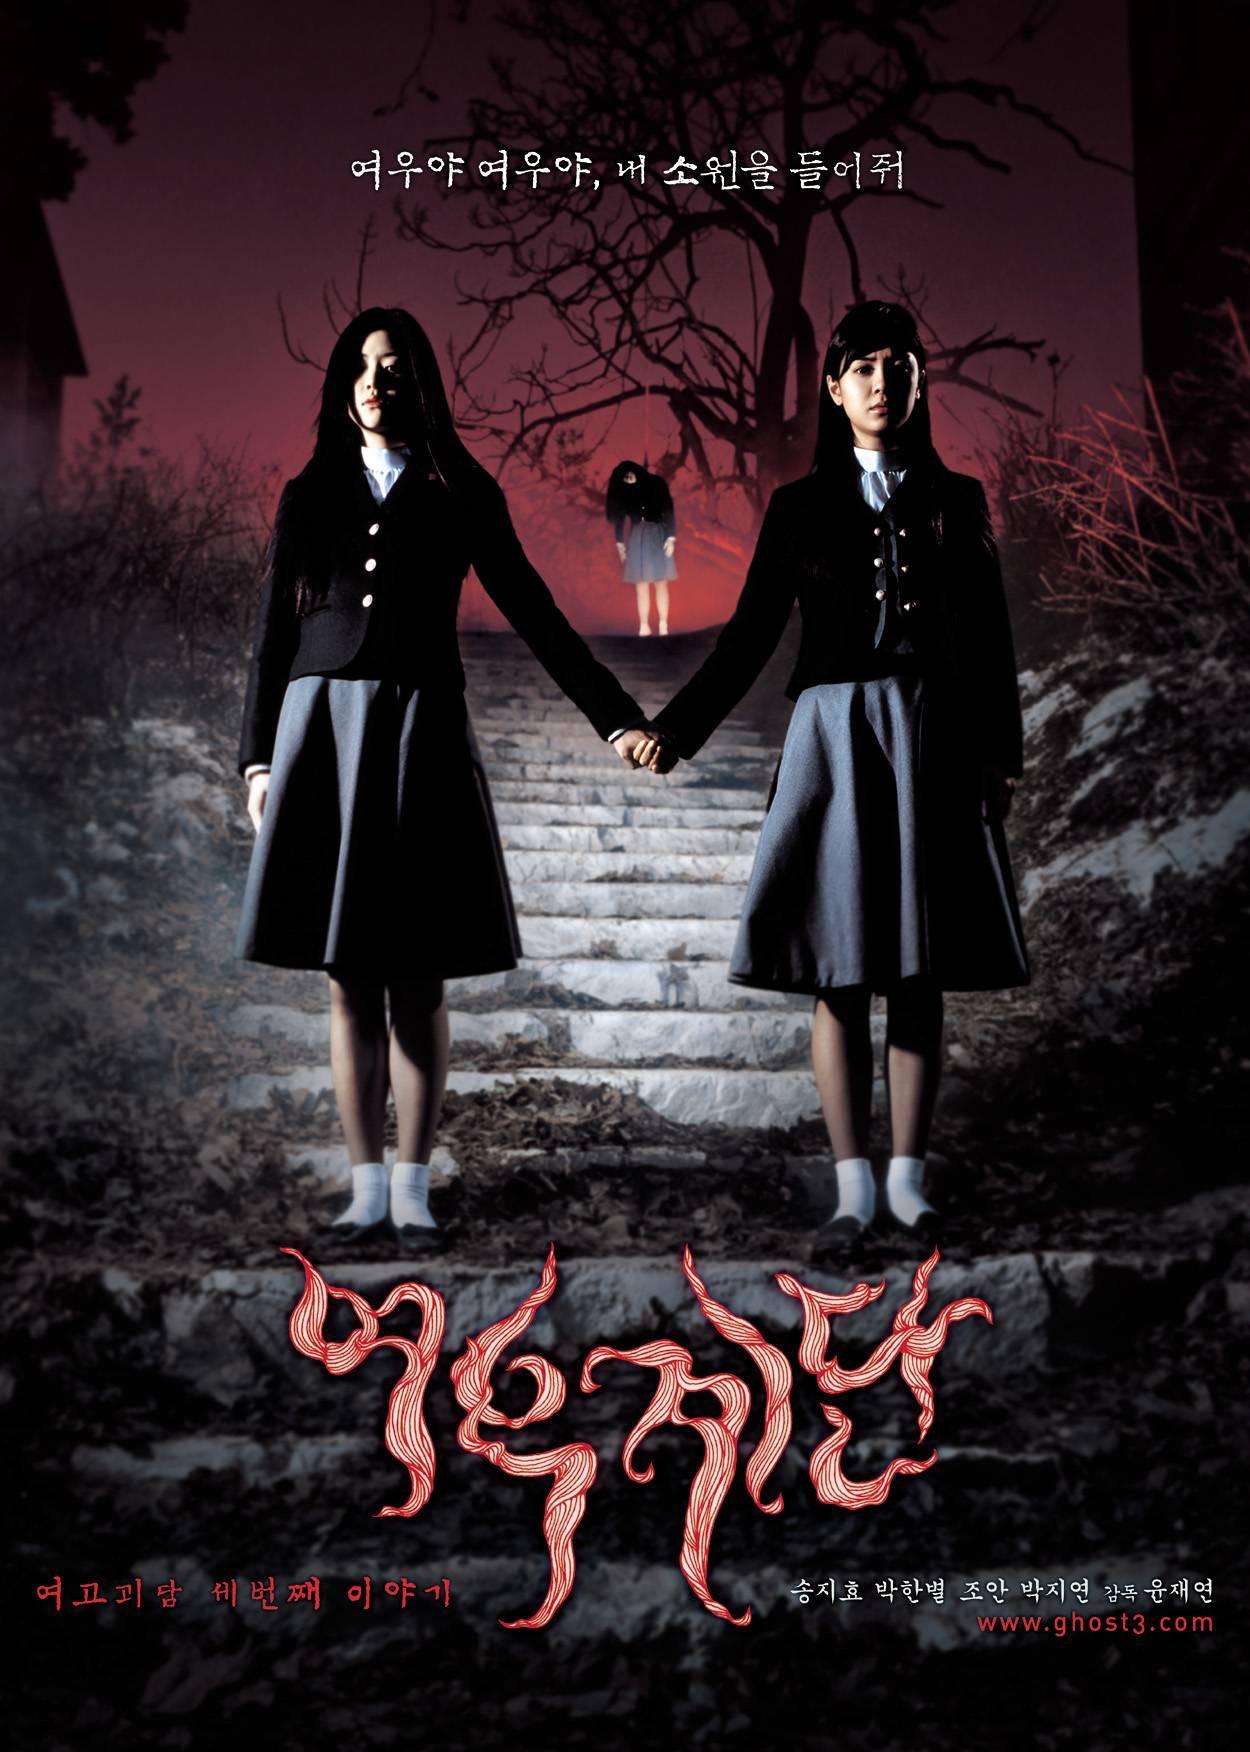 韩国恐怖片《女高怪谈》宣布重启 已开机拍摄